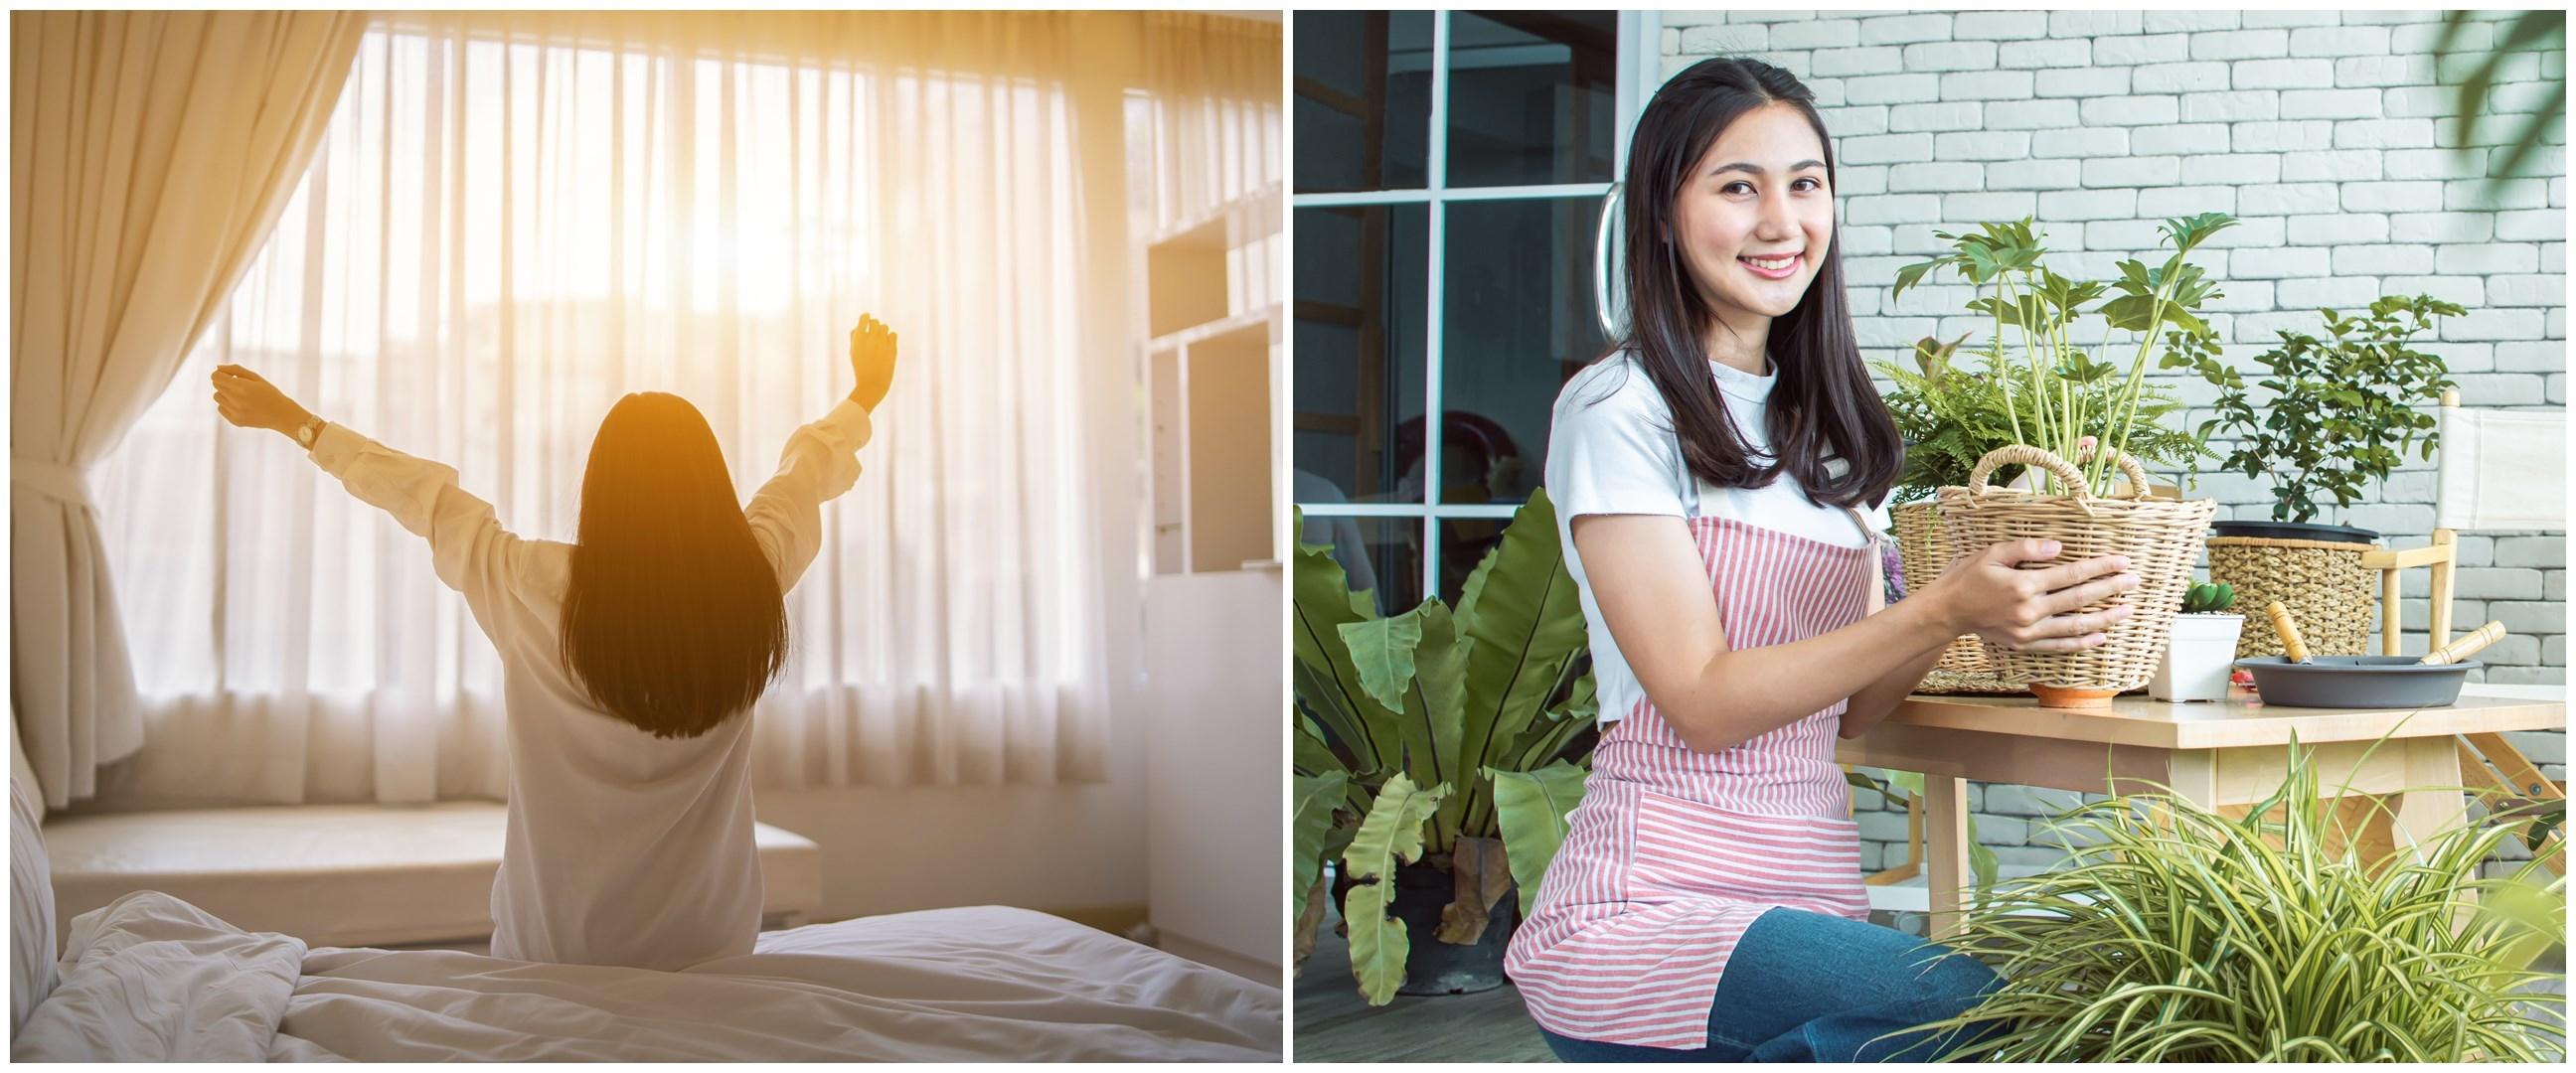 5 Life hack merawat badan lemas pada pagi hari, tubuh jadi bugar